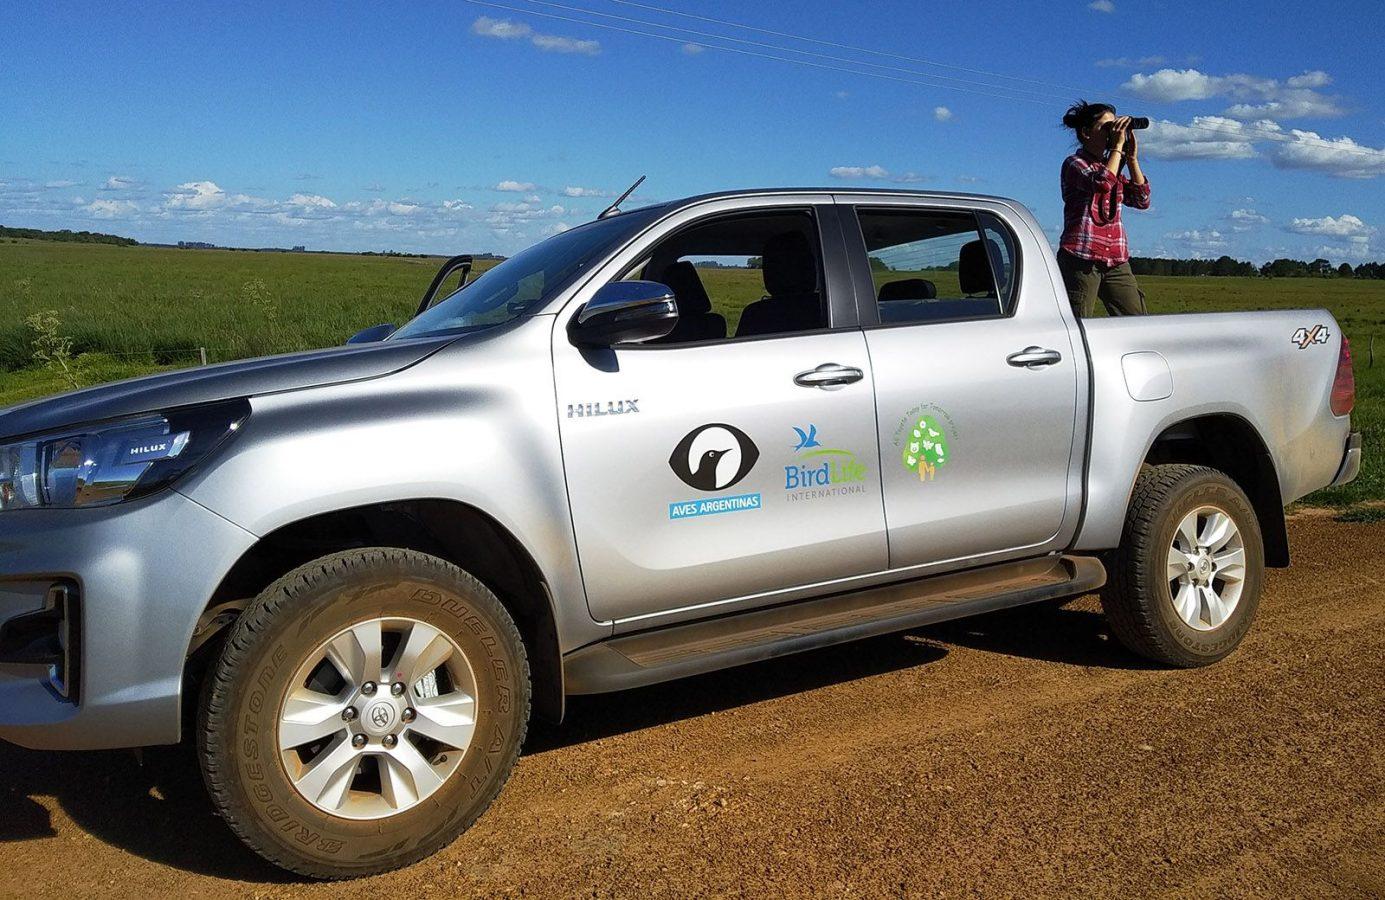 Toyota y Aves Argentinas fortalecen su alianza para la conservación del Noreste argentino